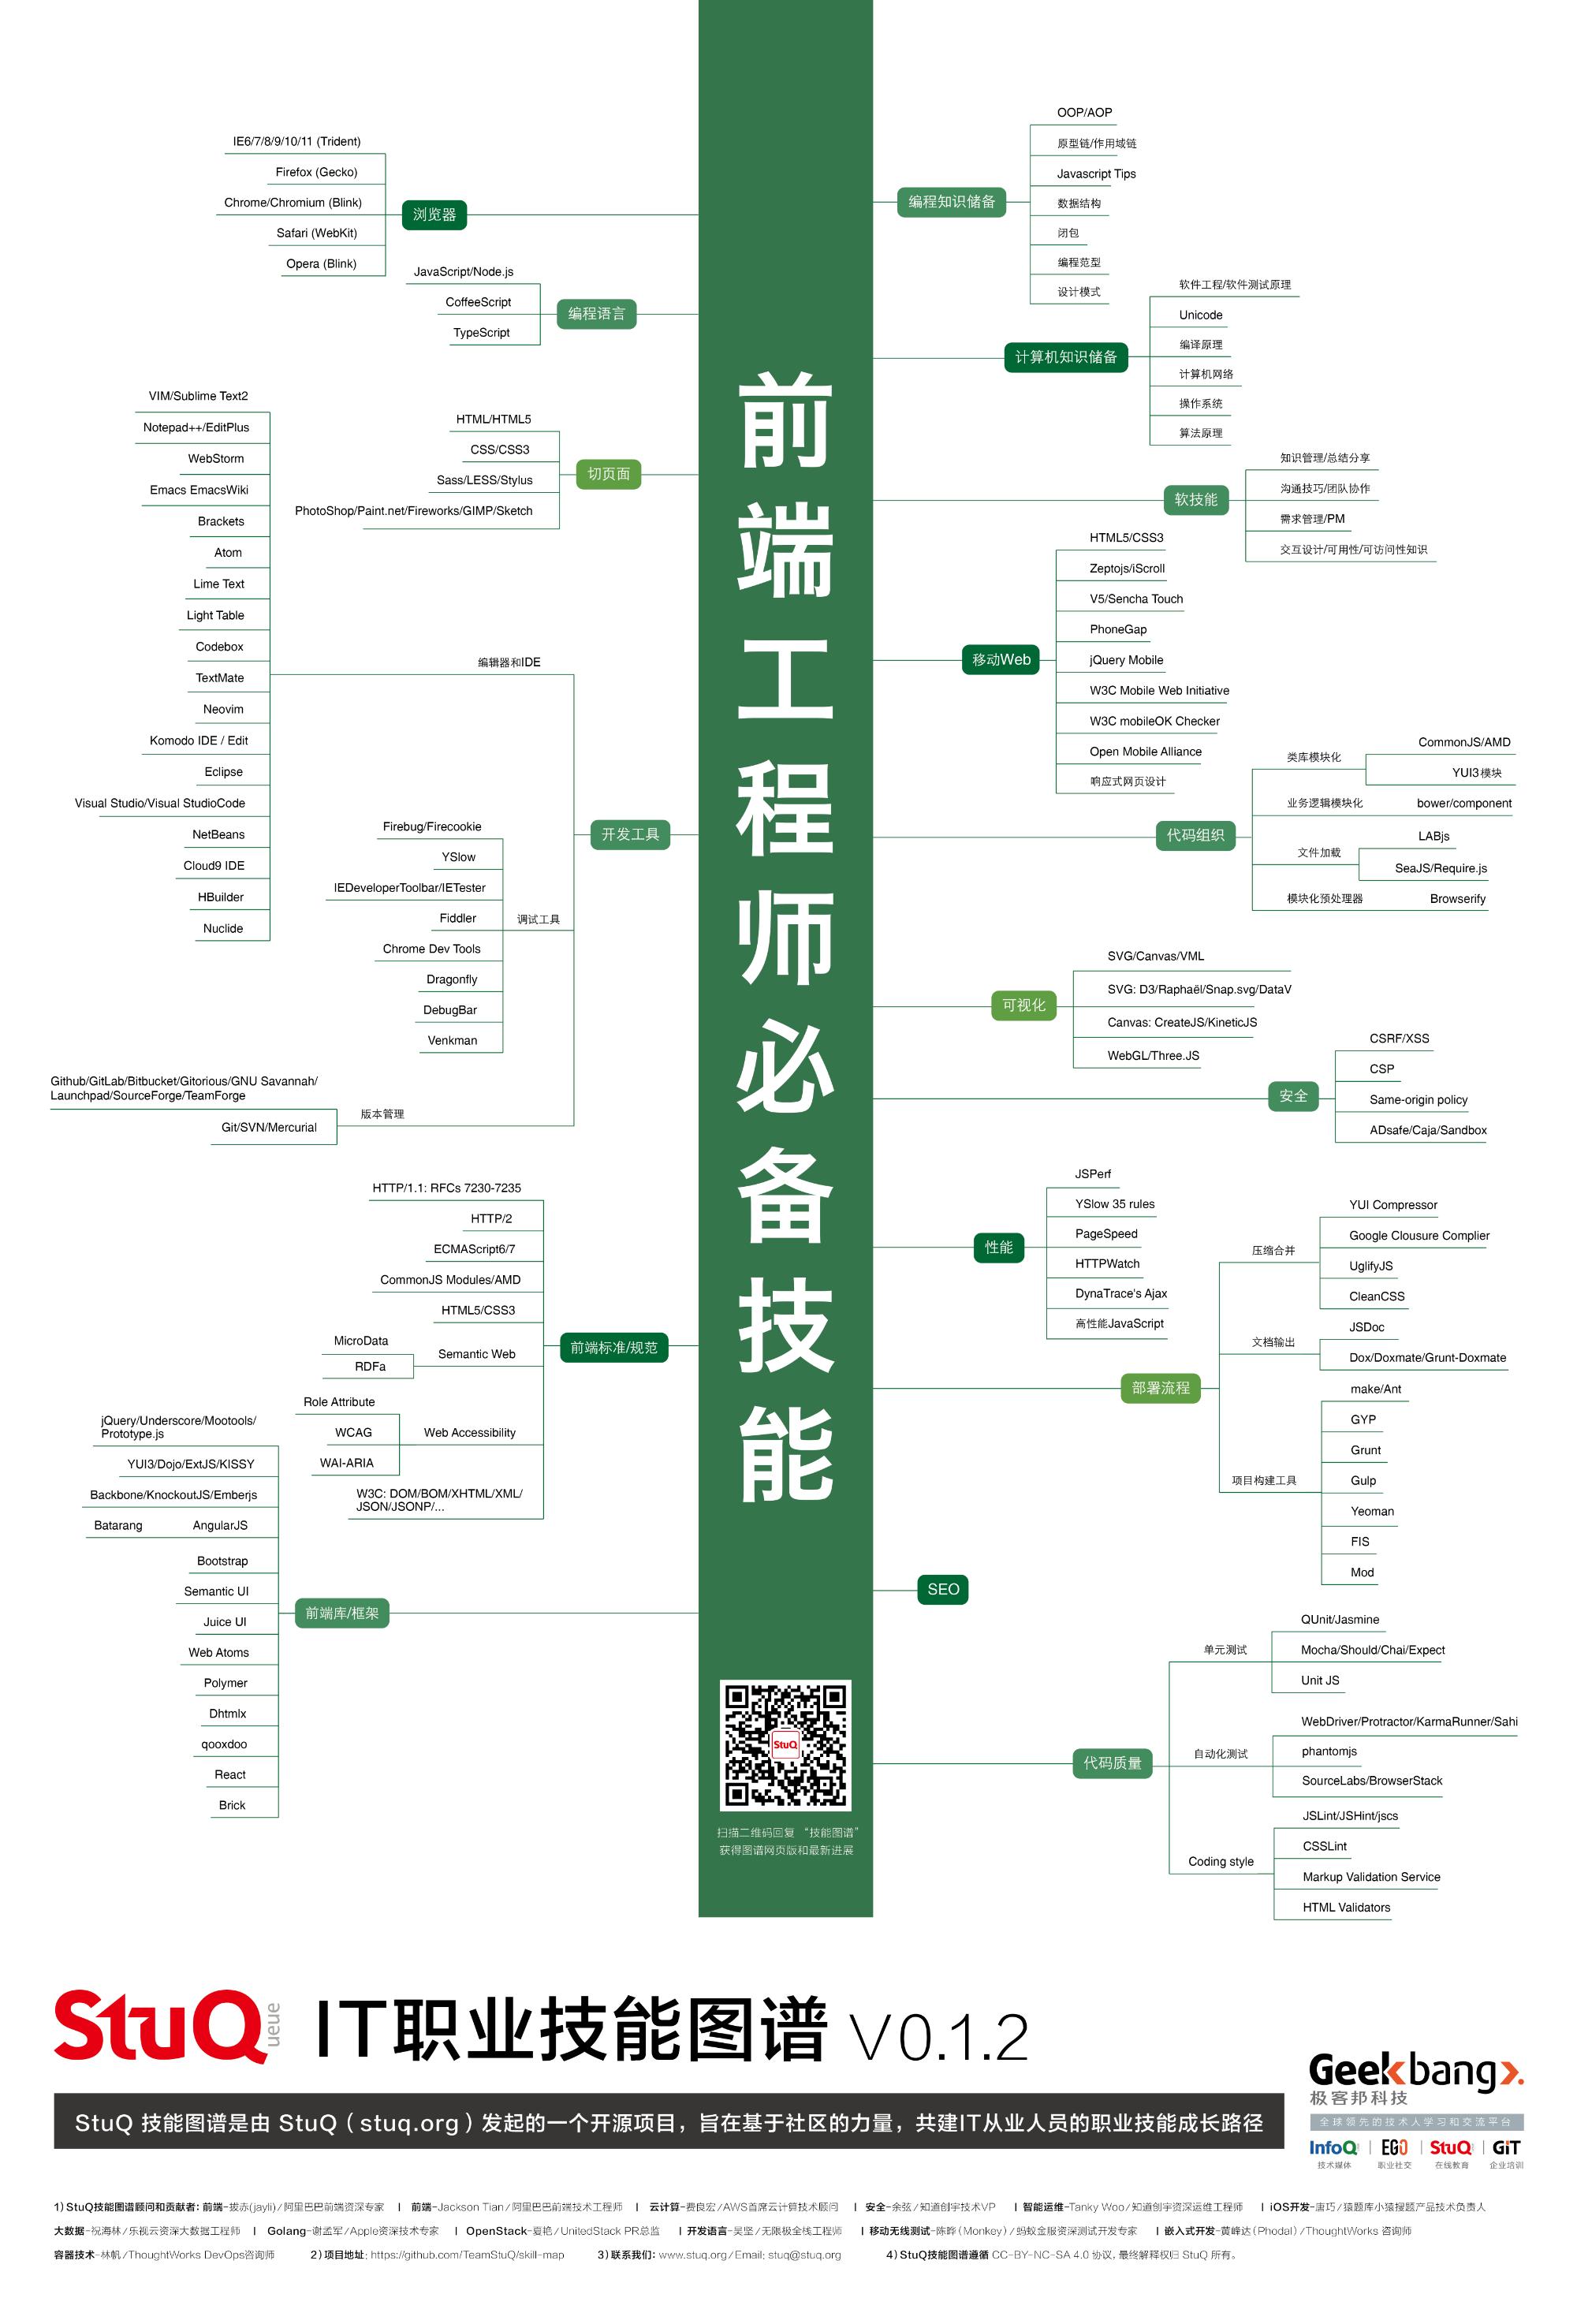 20181223_程序员技能图谱-Web前端工程师-by-StuQ.png